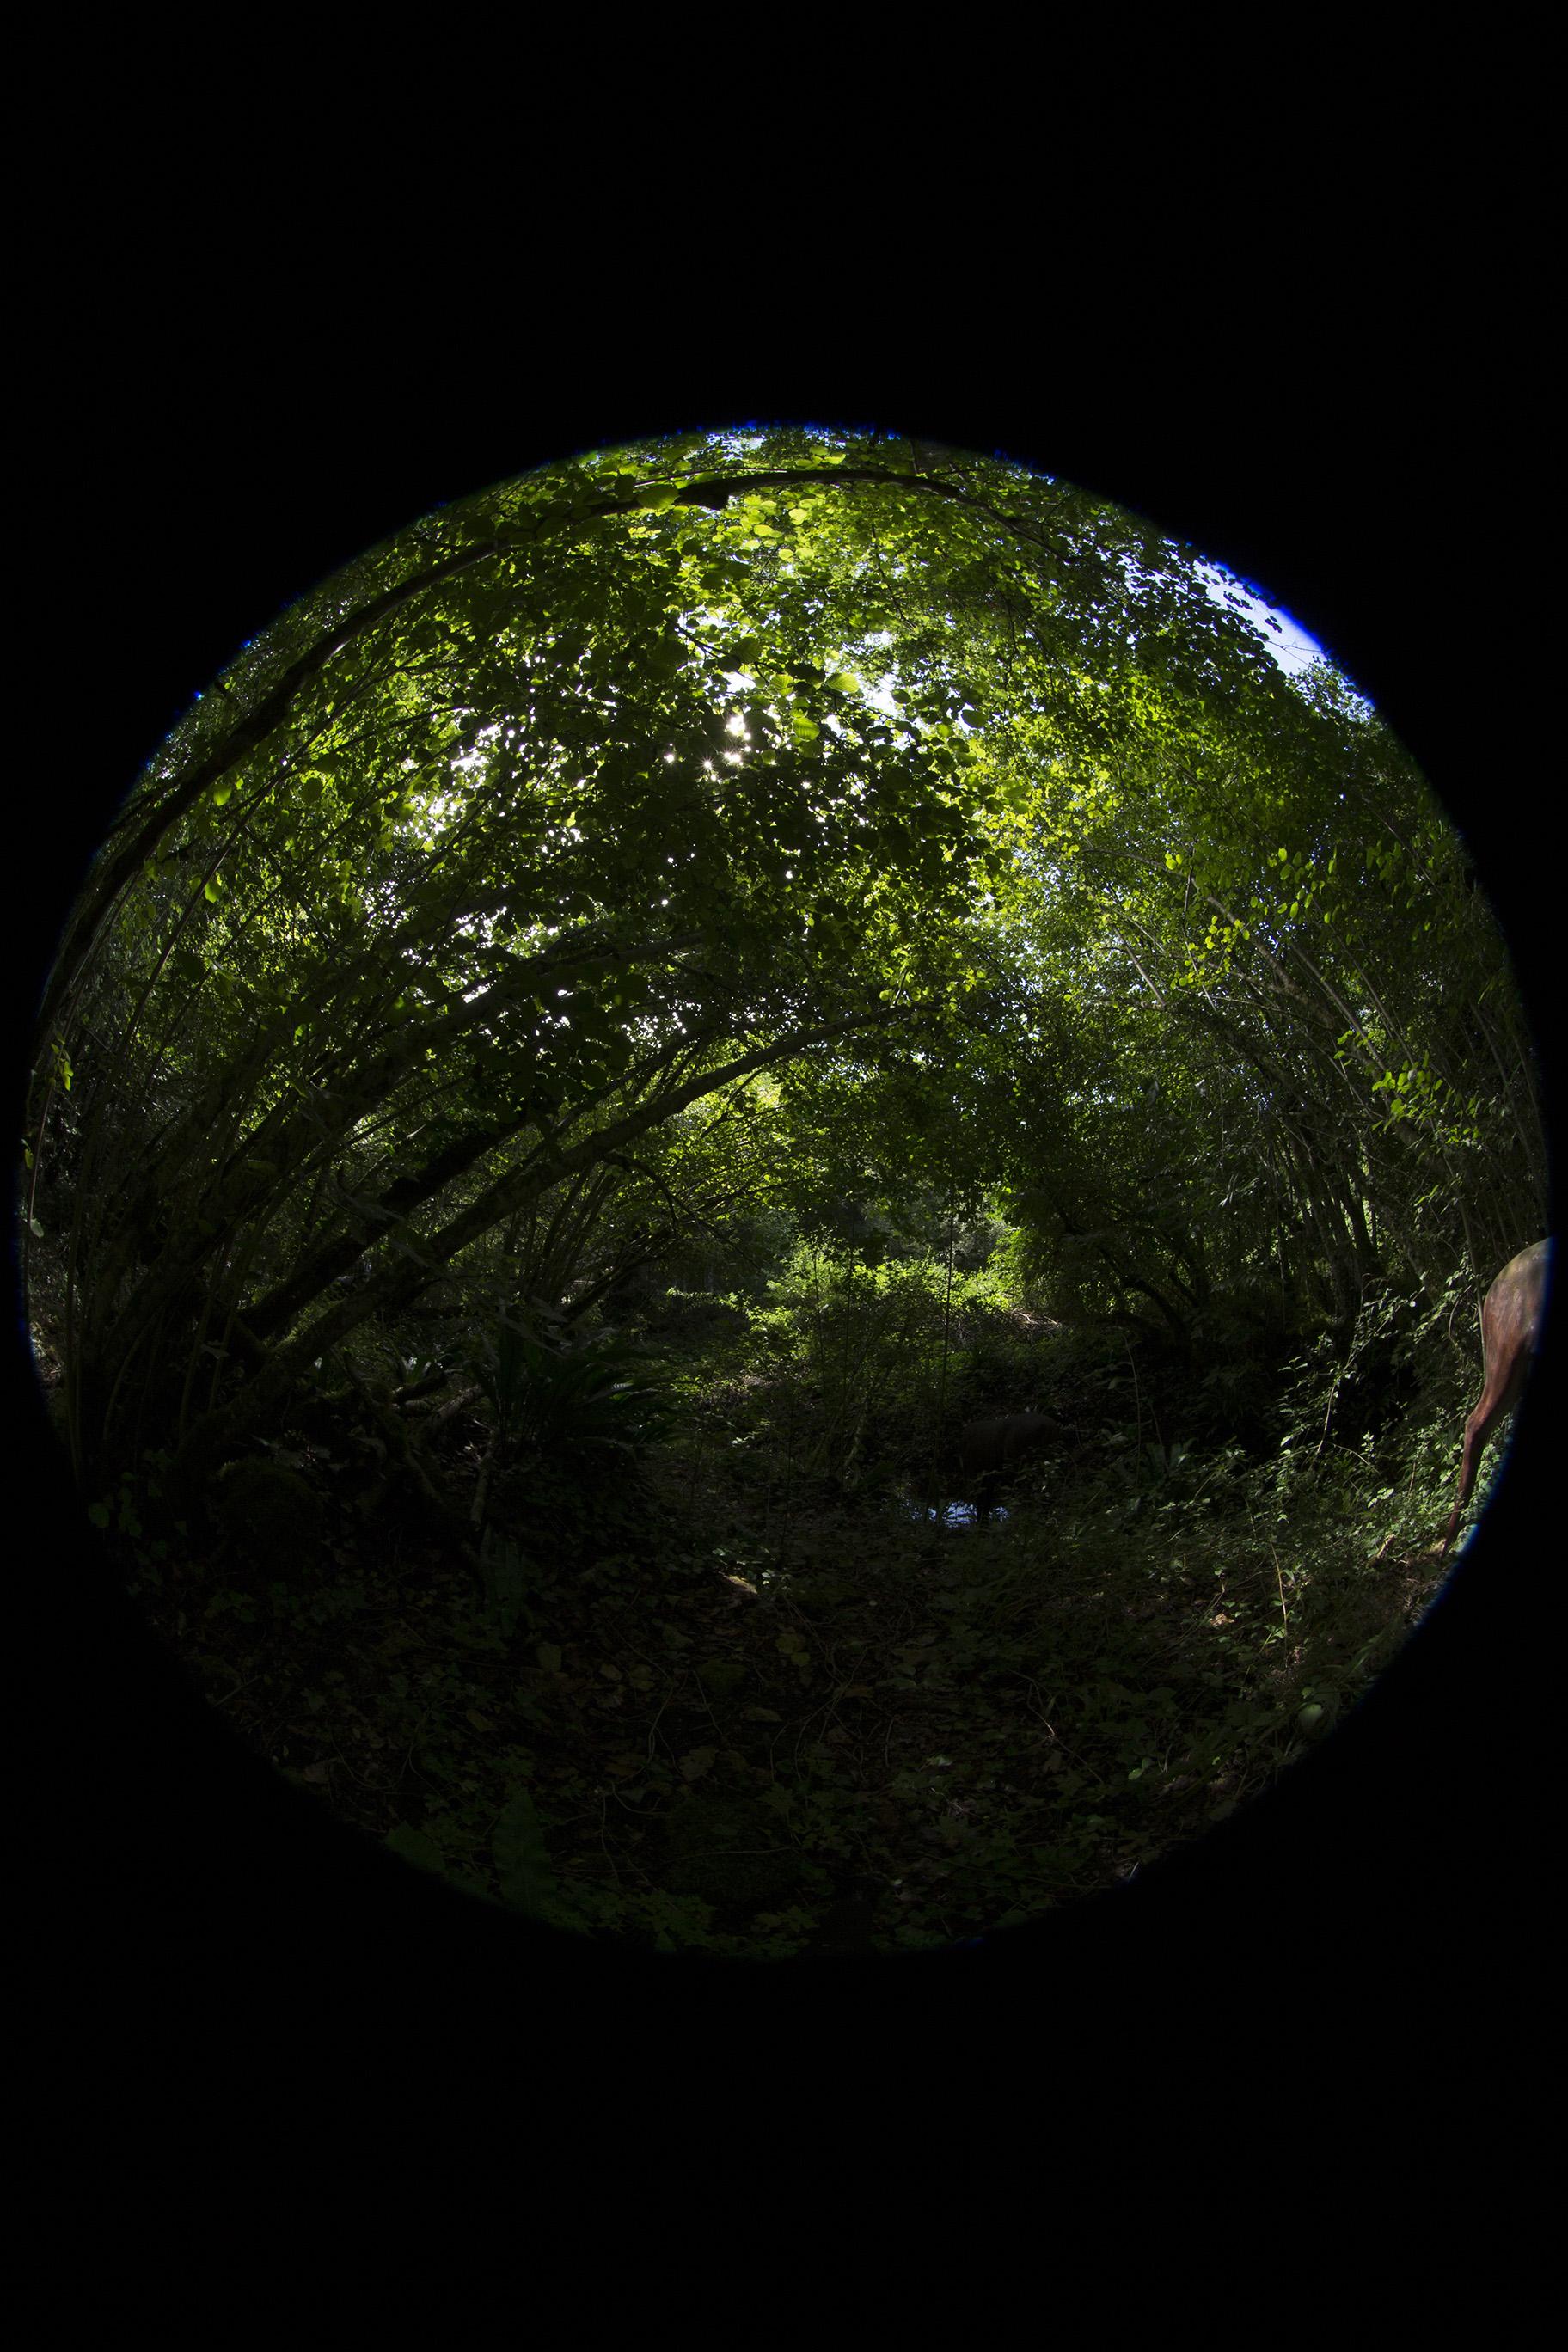 creer-une-visite-virtuelle.com_HDR_Roc_de_cazelle-10.jpg